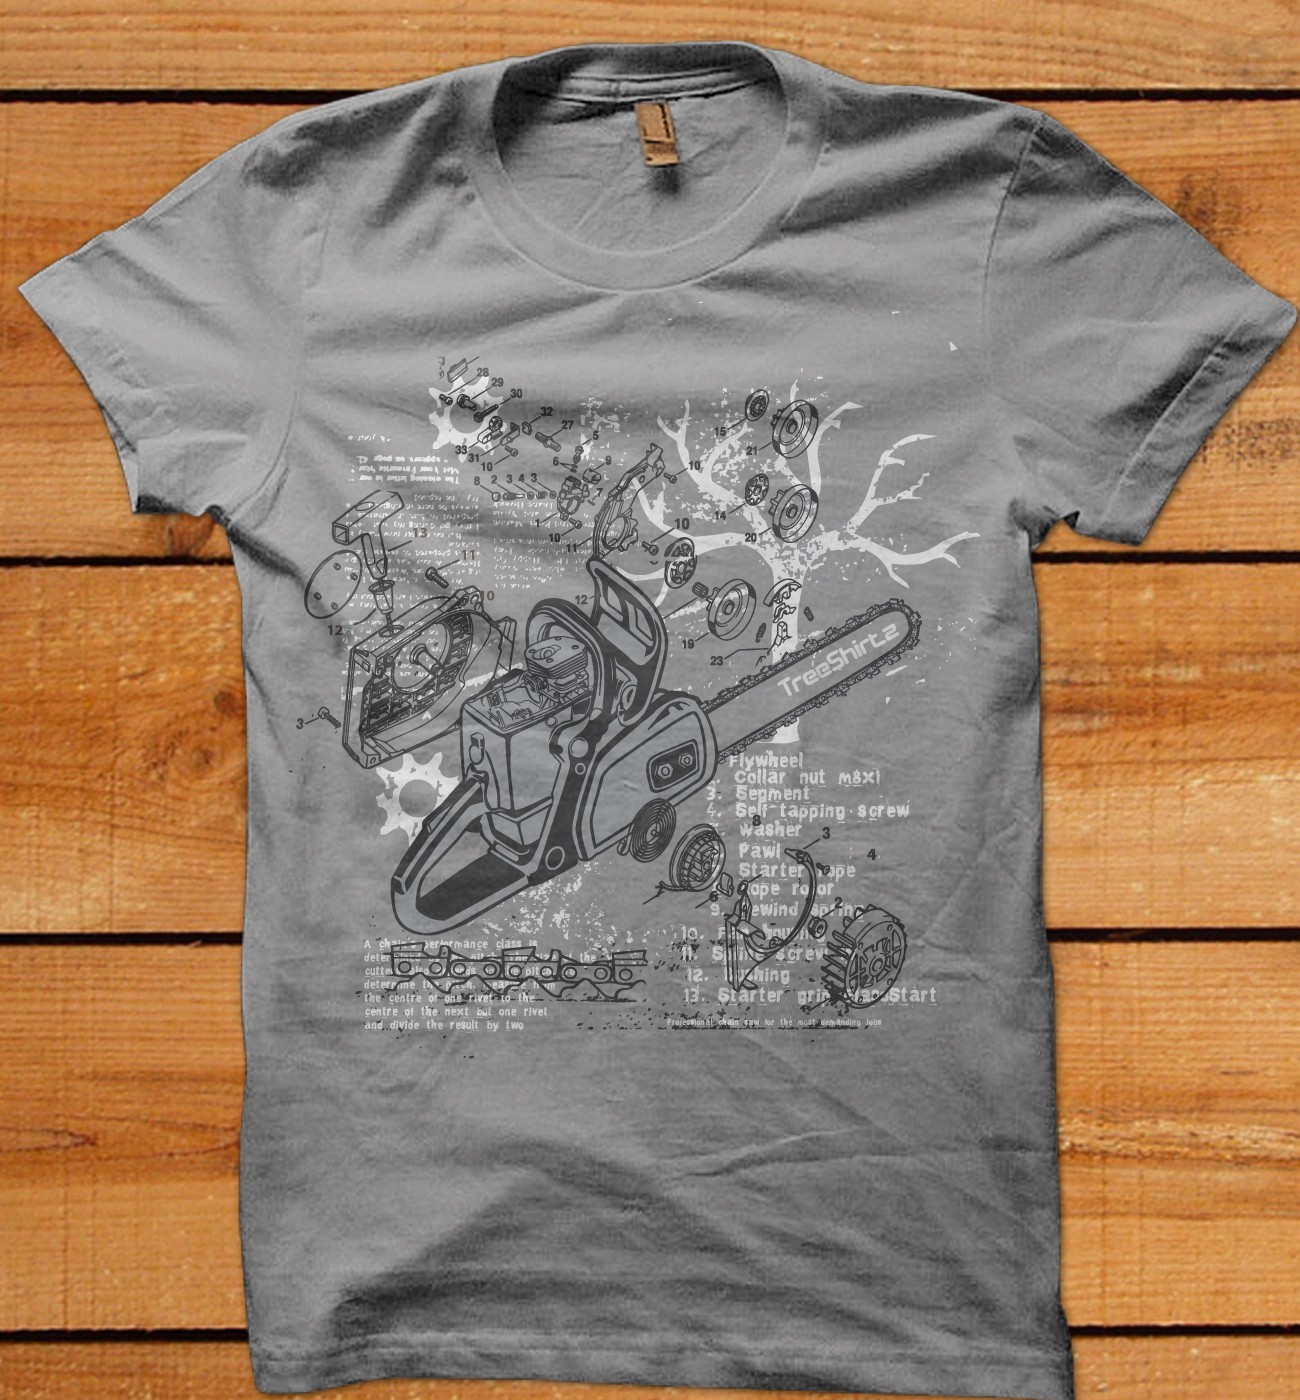 Create a winning t-shirt design